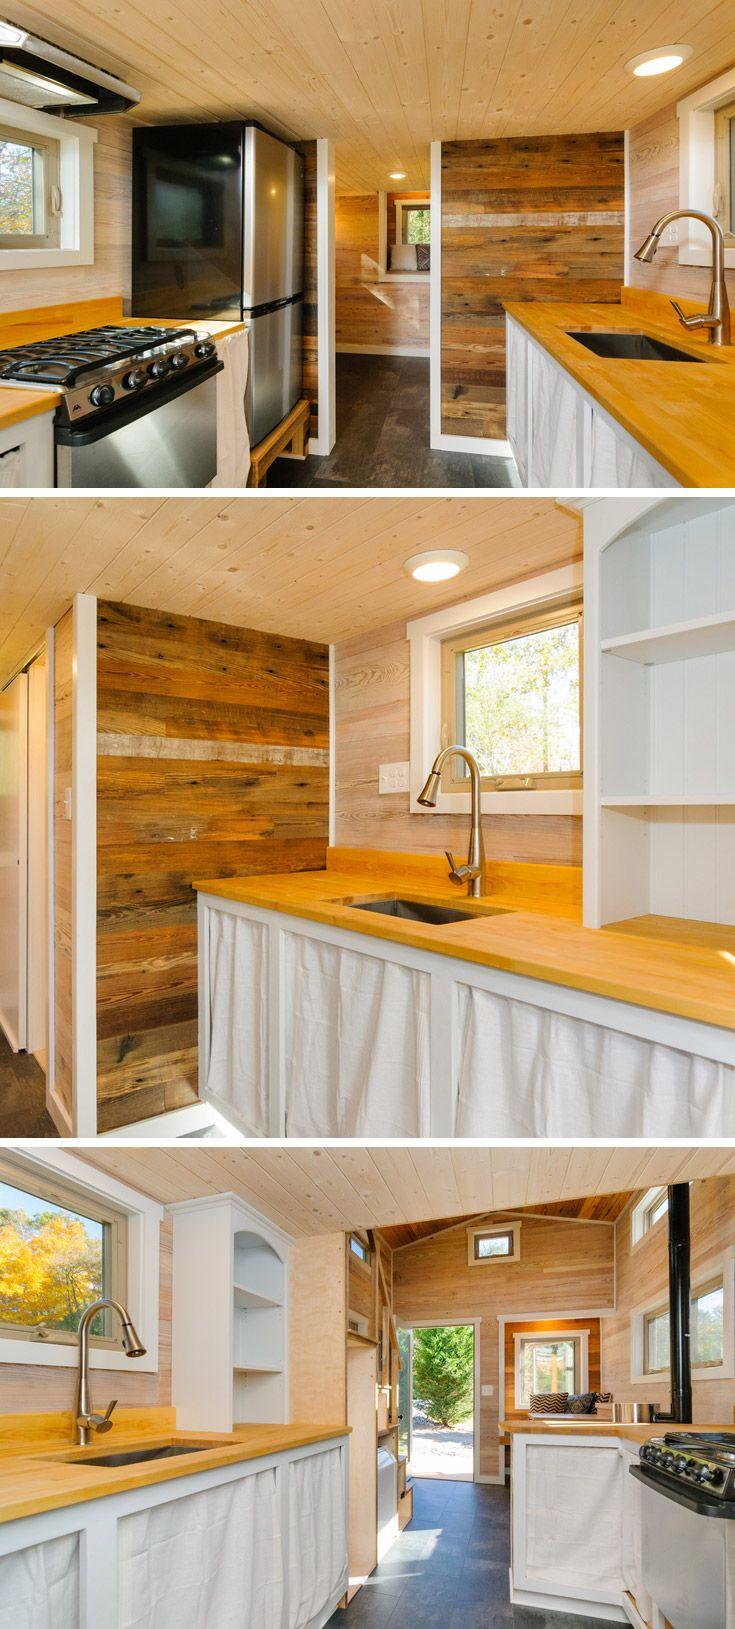 79 besten Tiny House Kitchens Bilder auf Pinterest | Kleine häuser ...